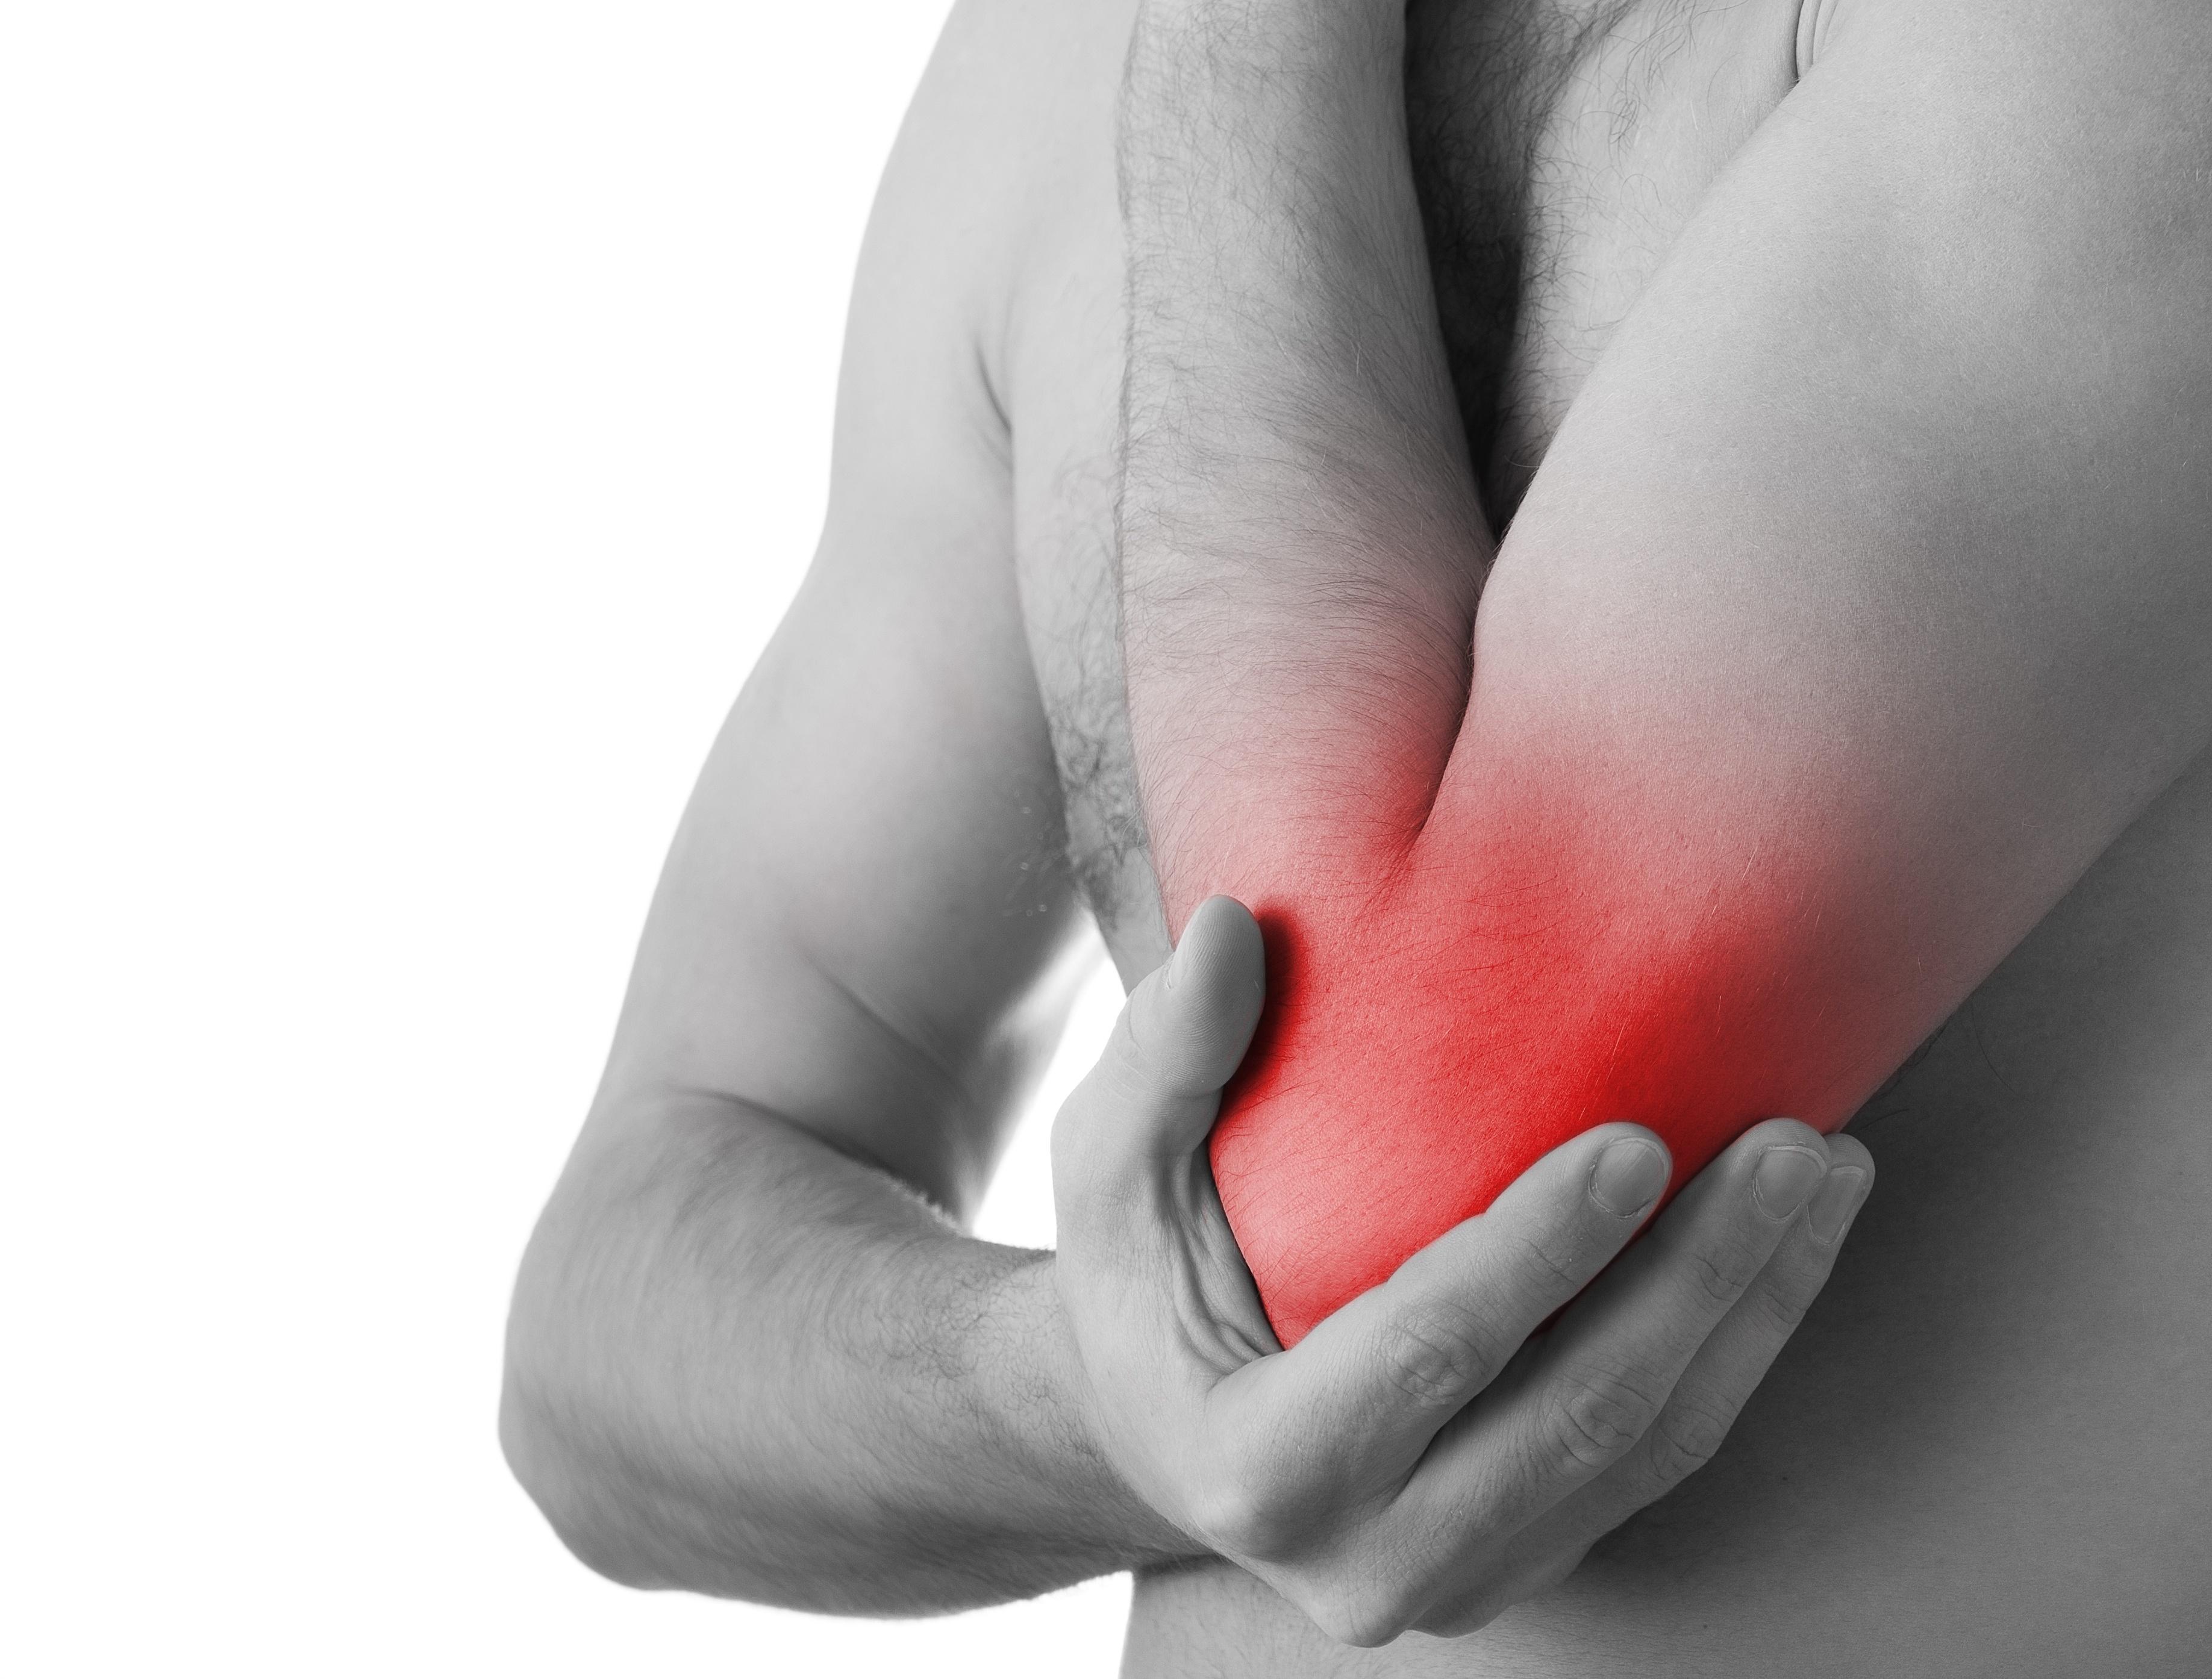 mustár ízületi fájdalmak esetén